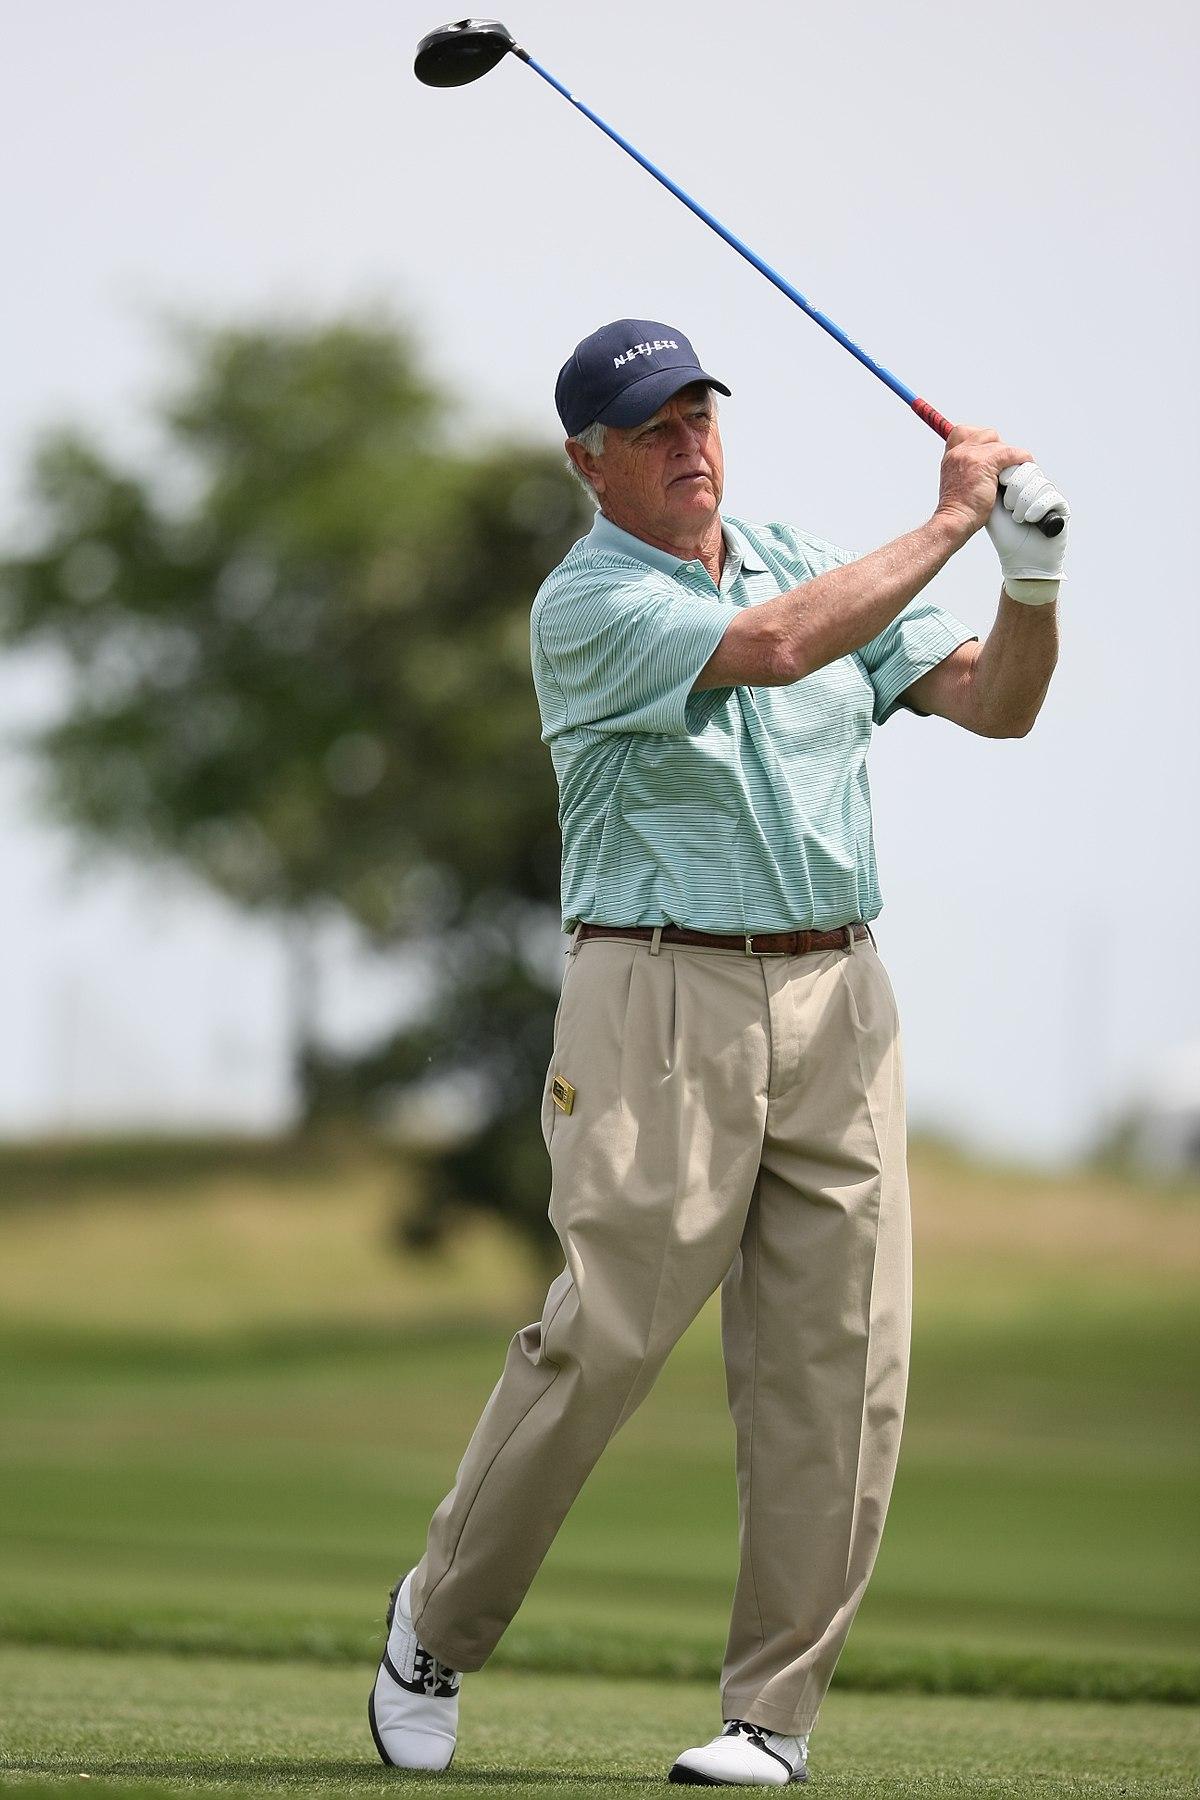 Arizona Senior Golf Tour